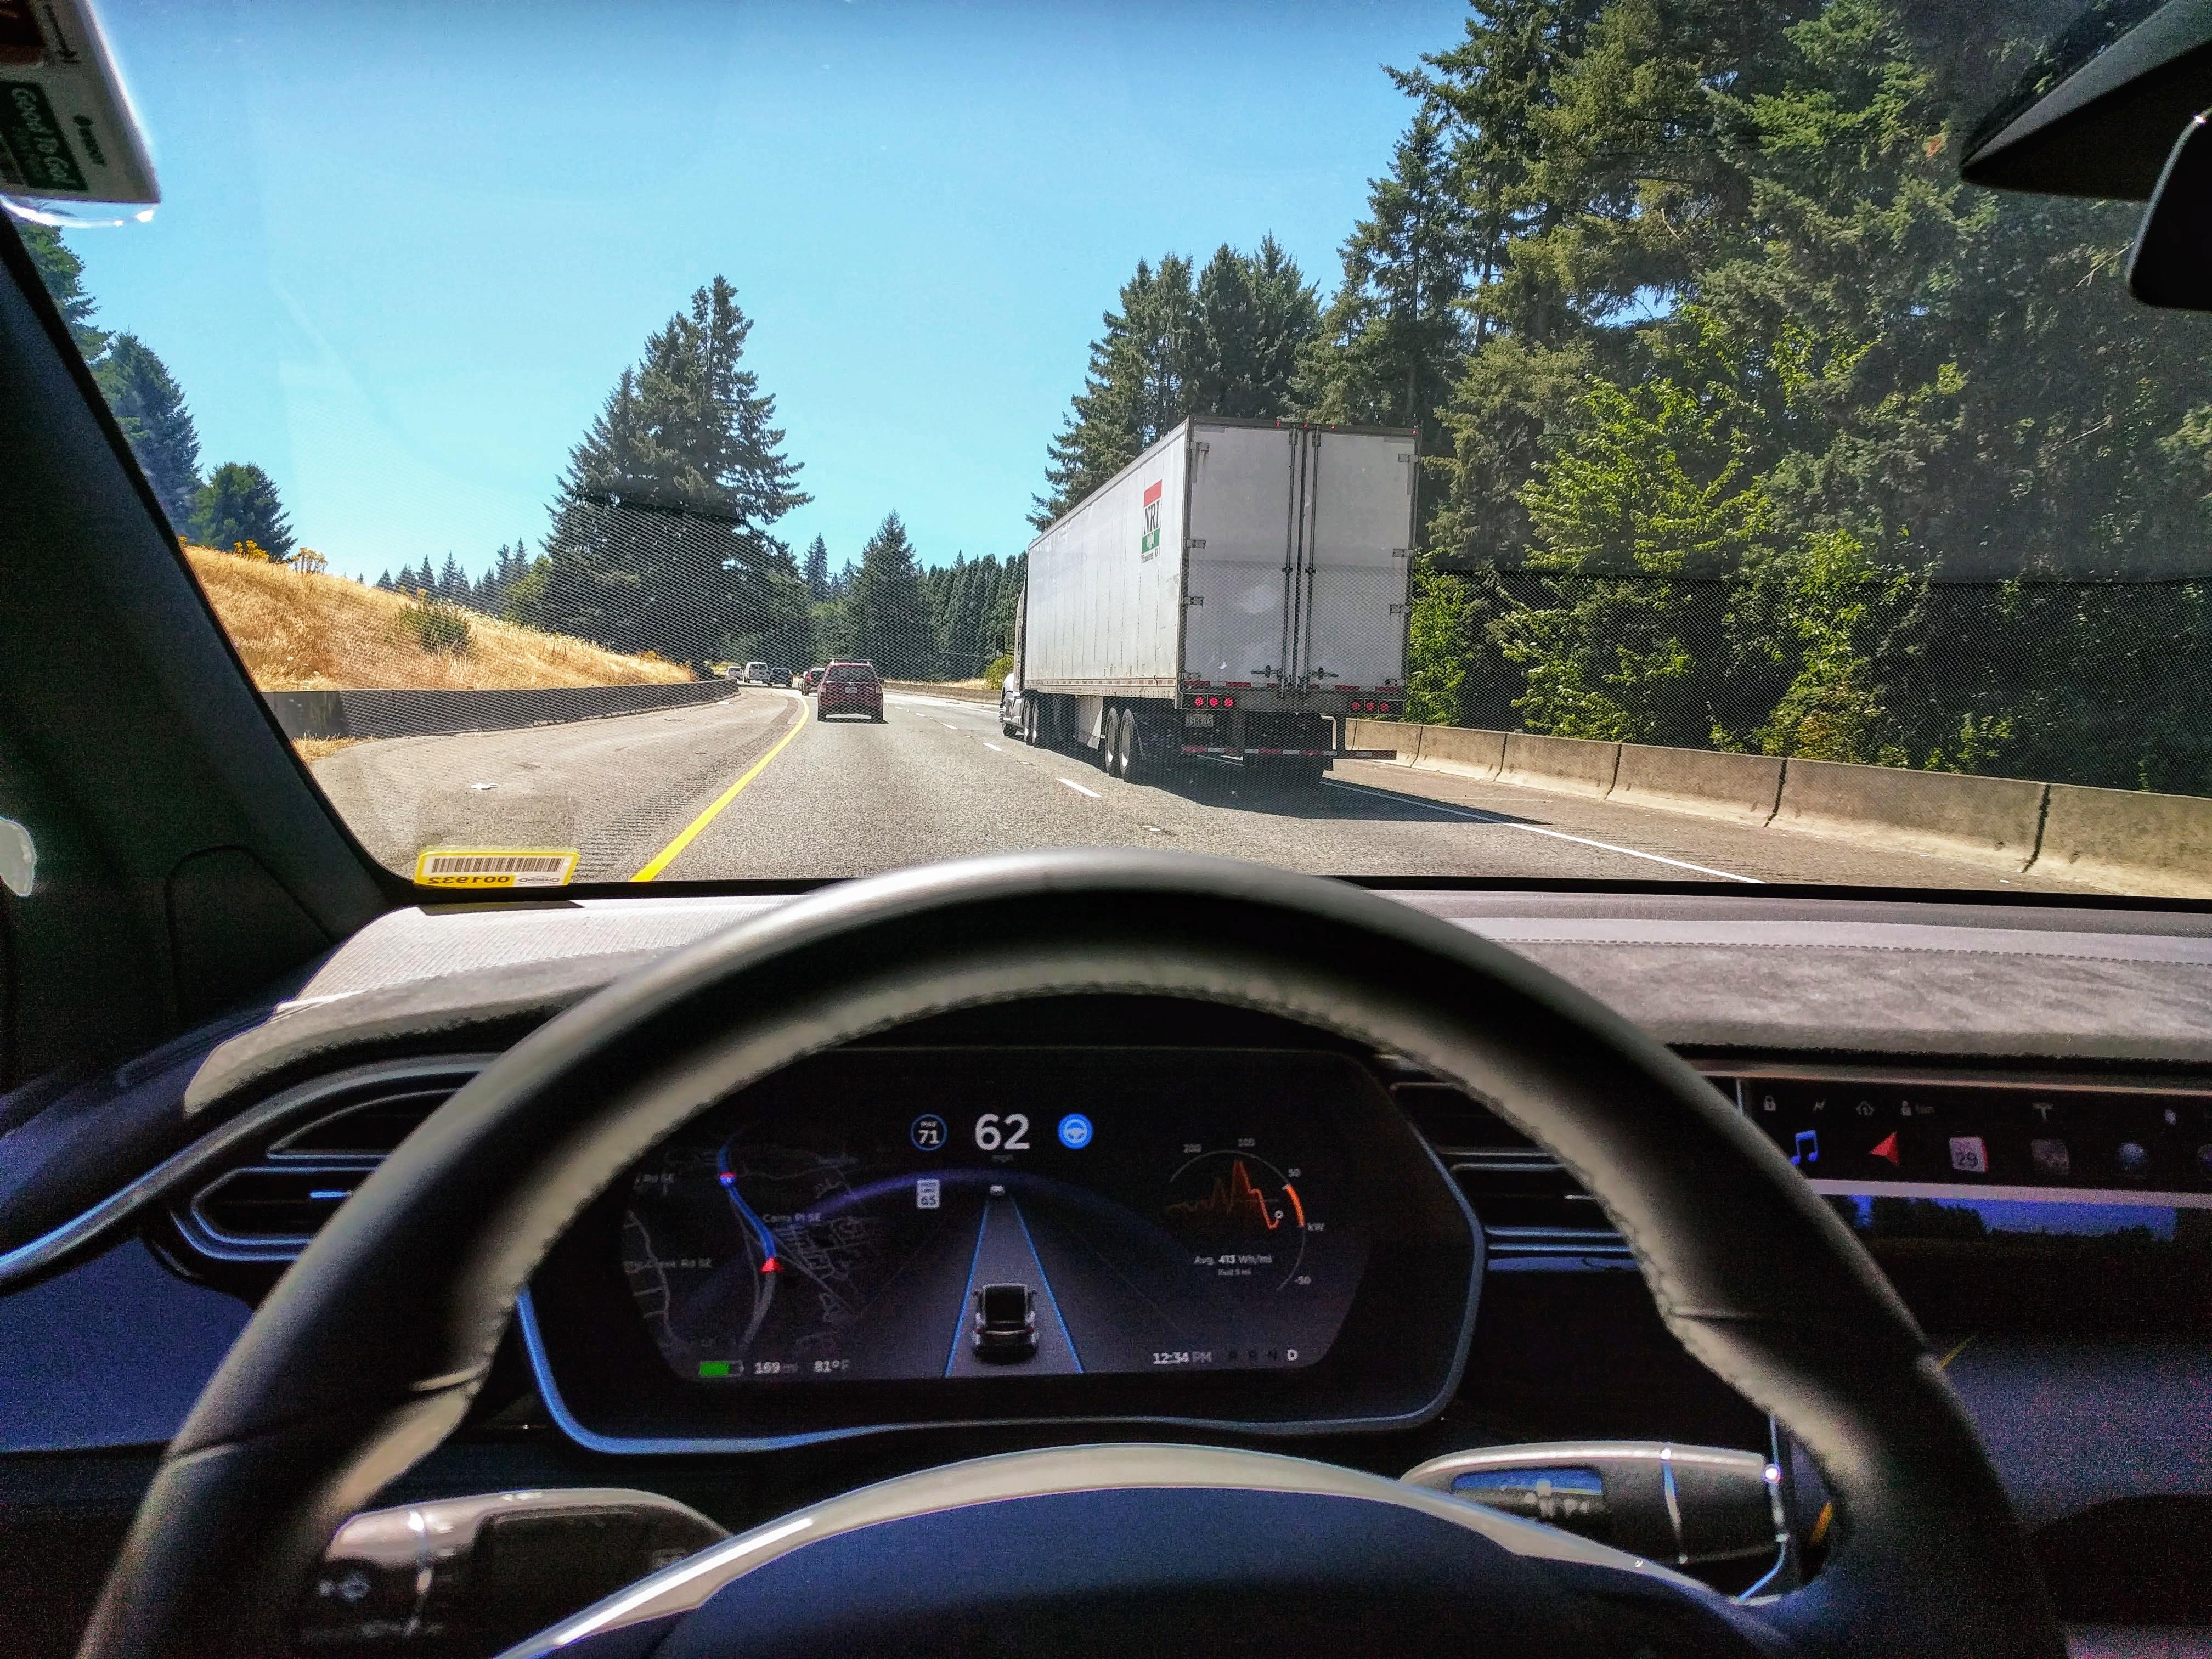 Swell Tesla Autopilot Wikipedia Wiring Cloud Dulfrecoveryedborg